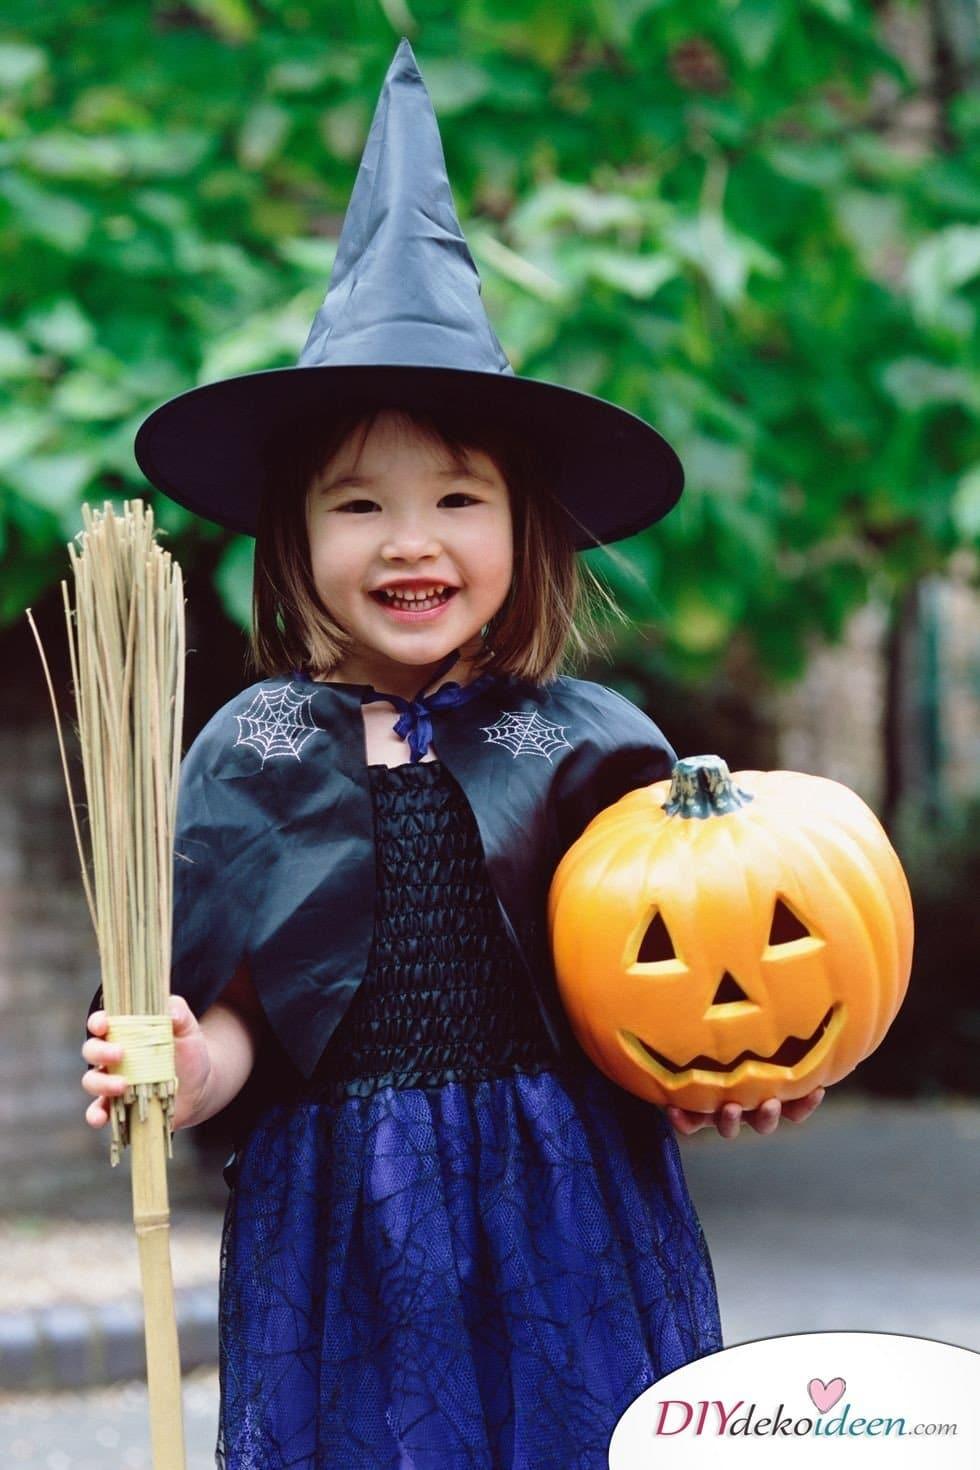 15 witzige Halloween Kostüm Ideen für Kinder zum selbermachen - Hexe- Kinderkostüm